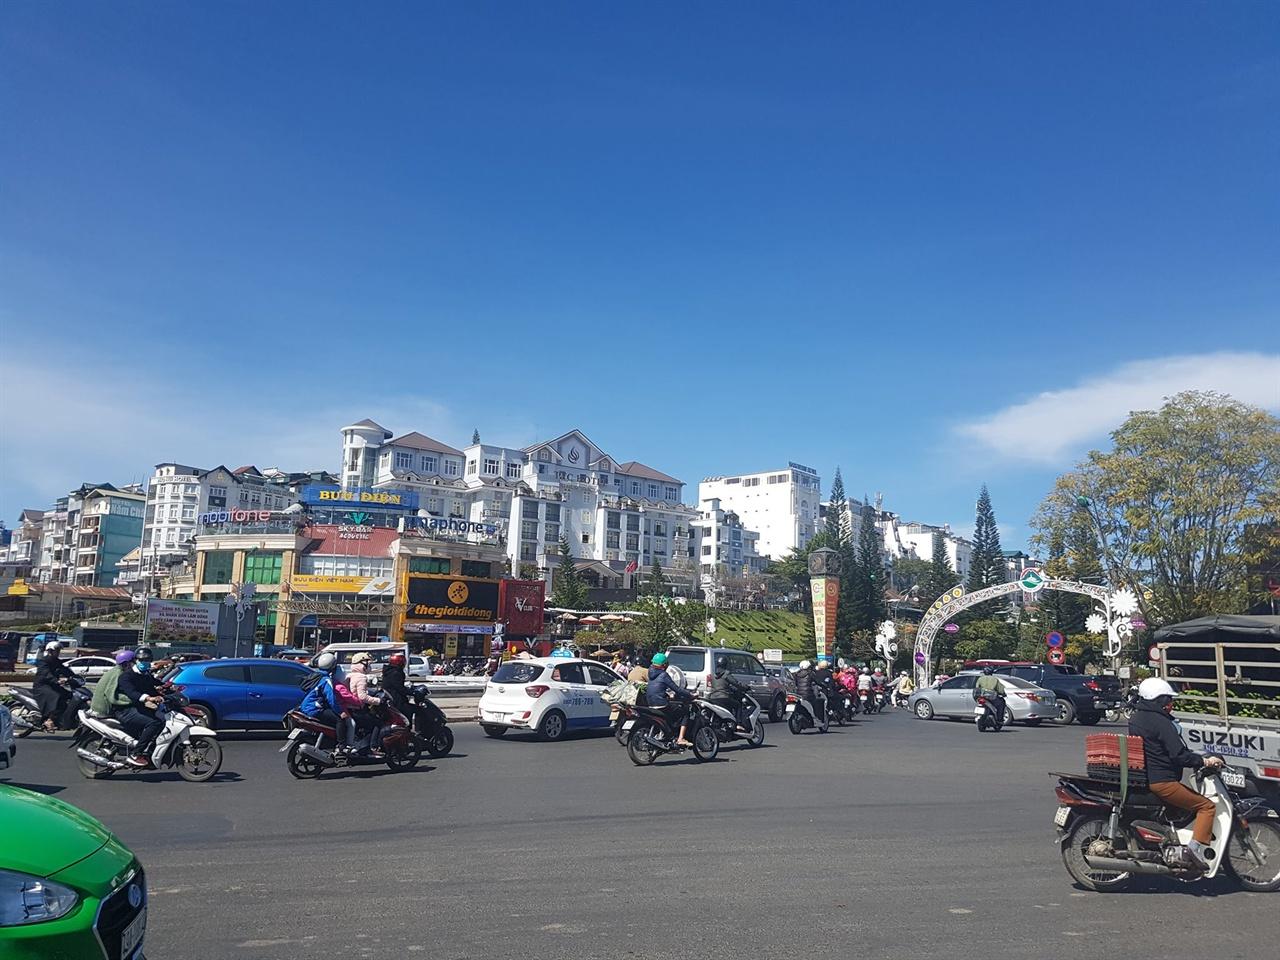 영원한 봄의 도시, 베트남의 달랏